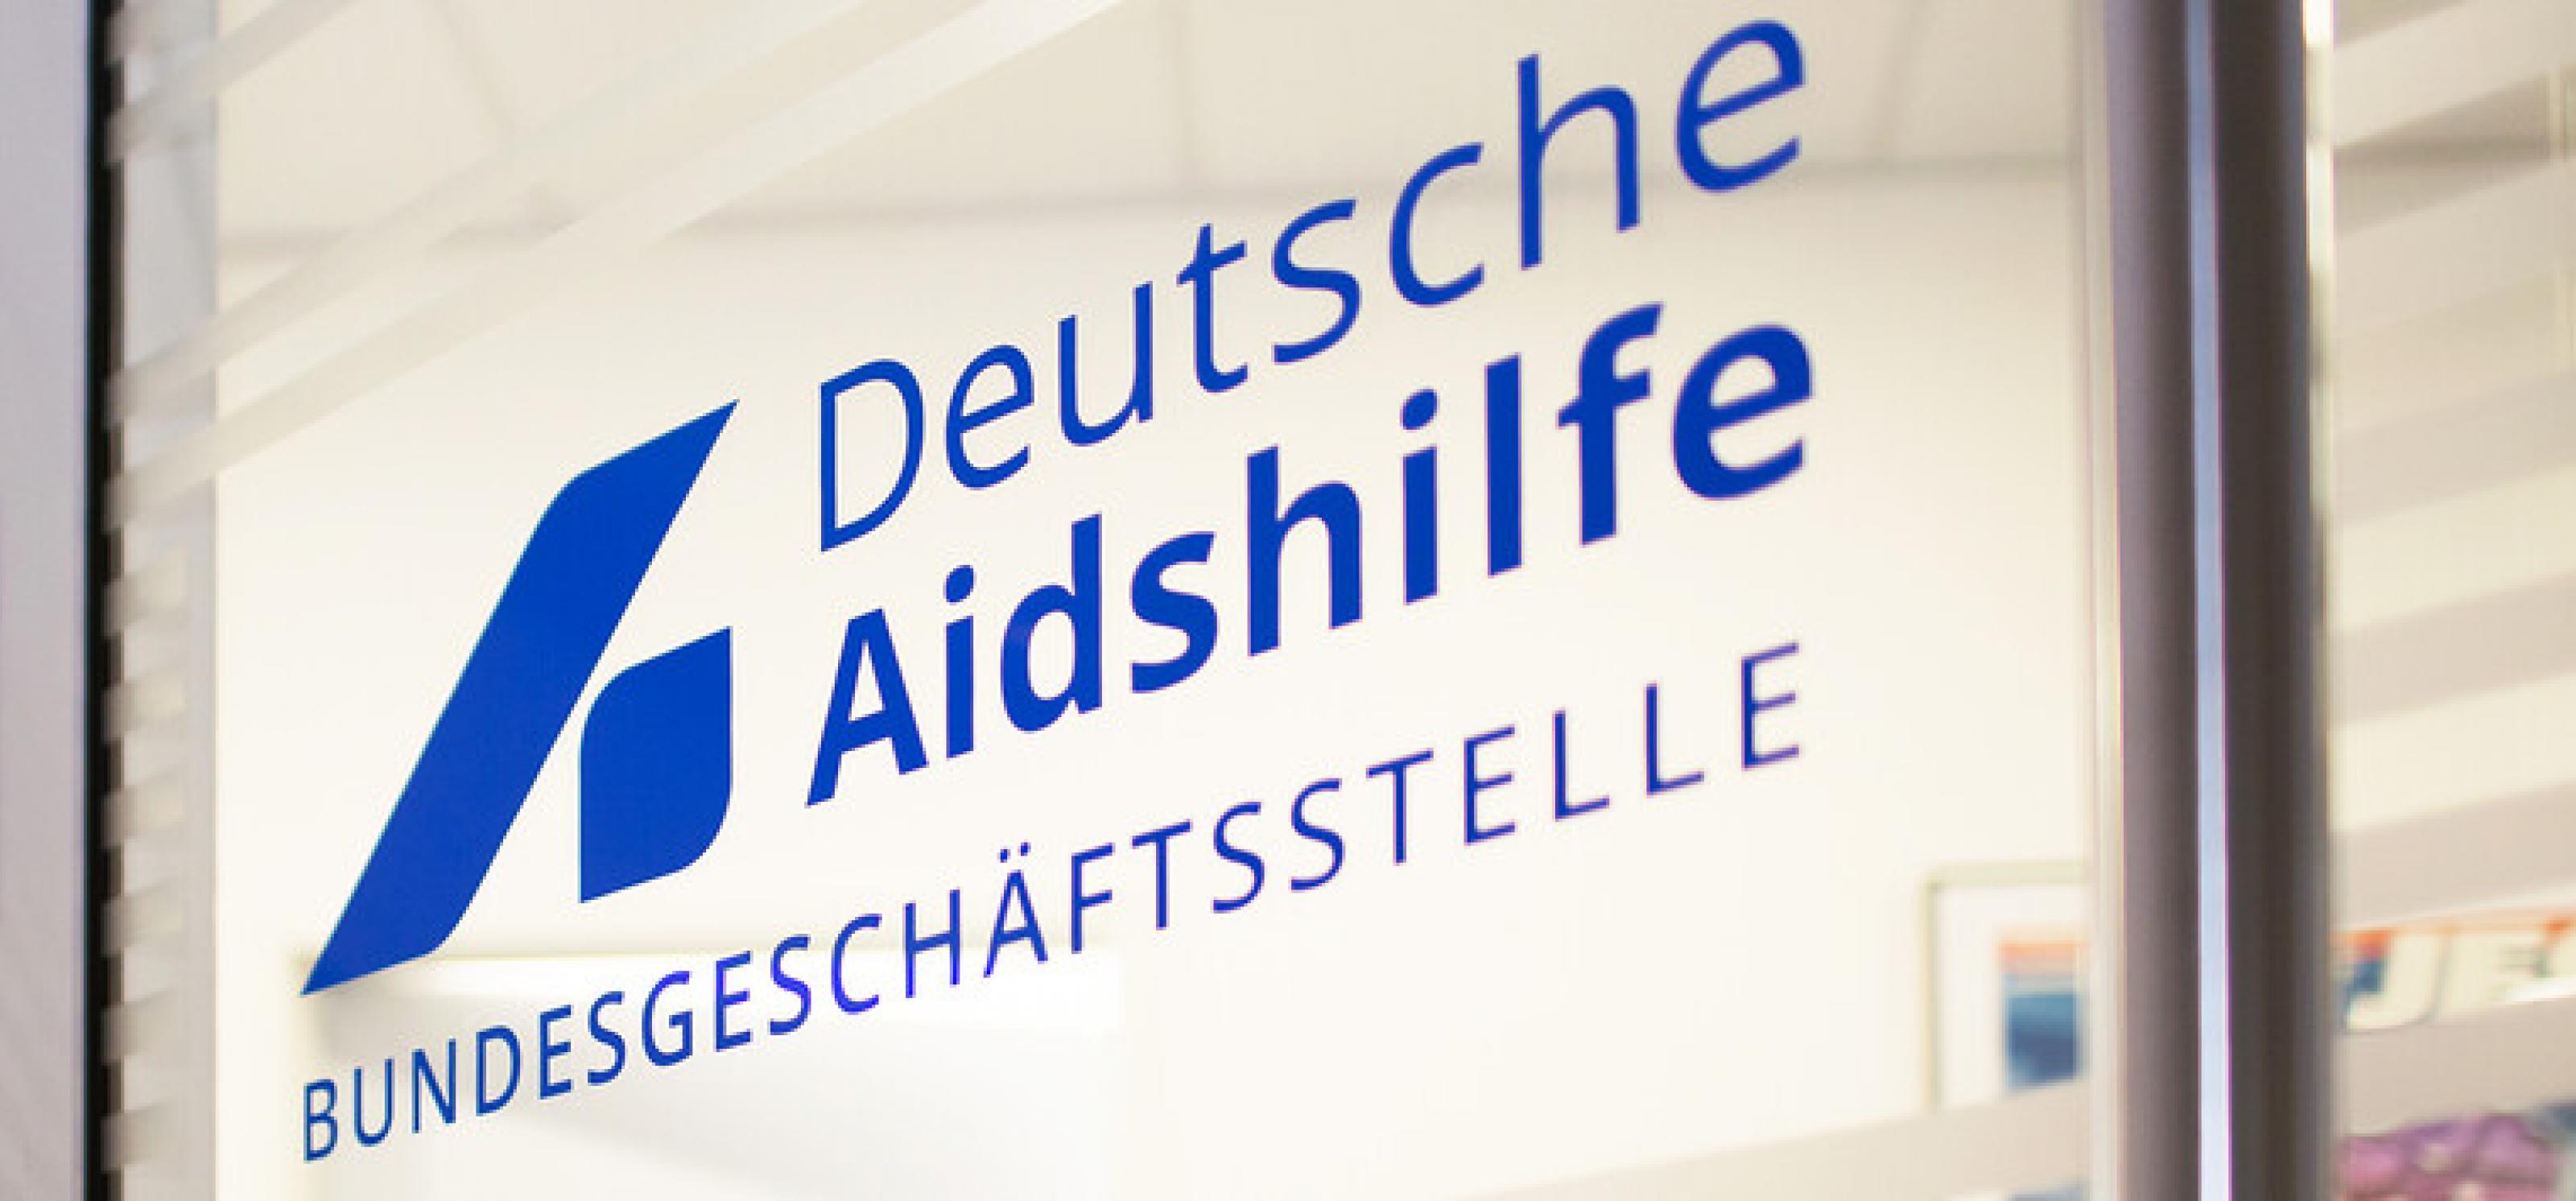 Eingangstür zur Bundesgeschäftsstelle der Deutschen Aidshilfe